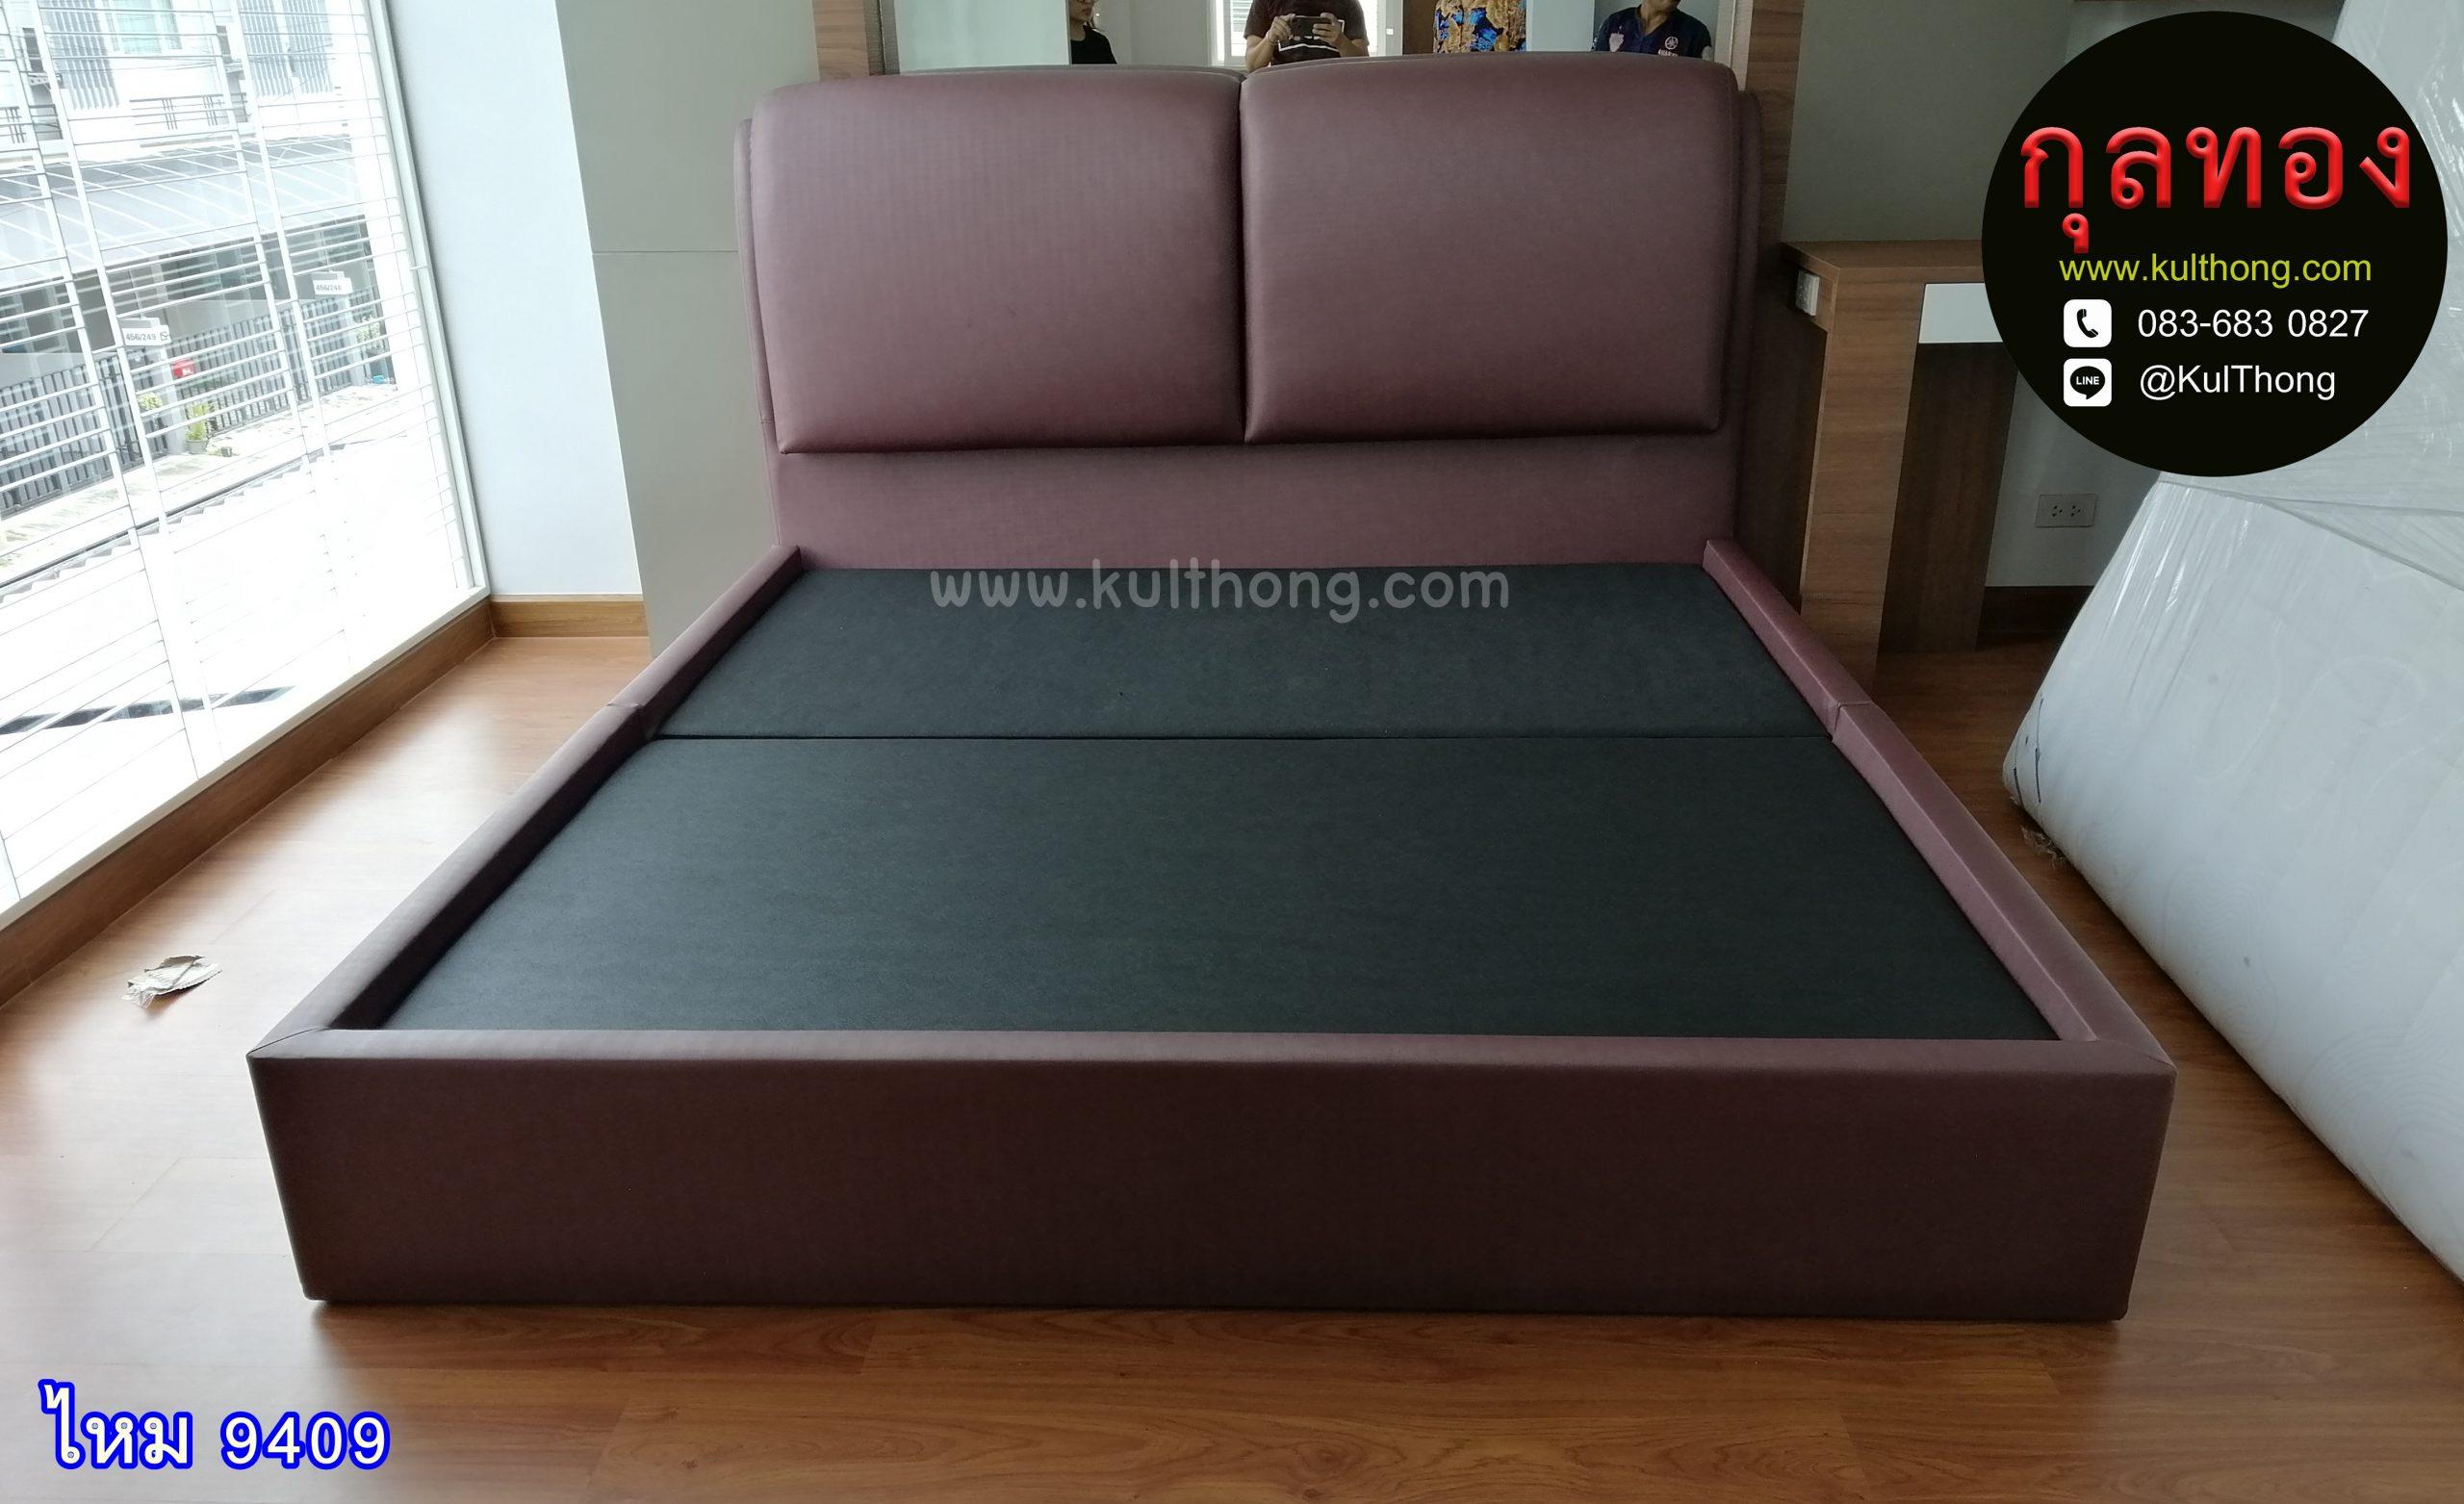 หัวเตียงบุนวมหนา หัวเตียงแบบยึดฐานเตียง หัวเตียงสำเร็จ